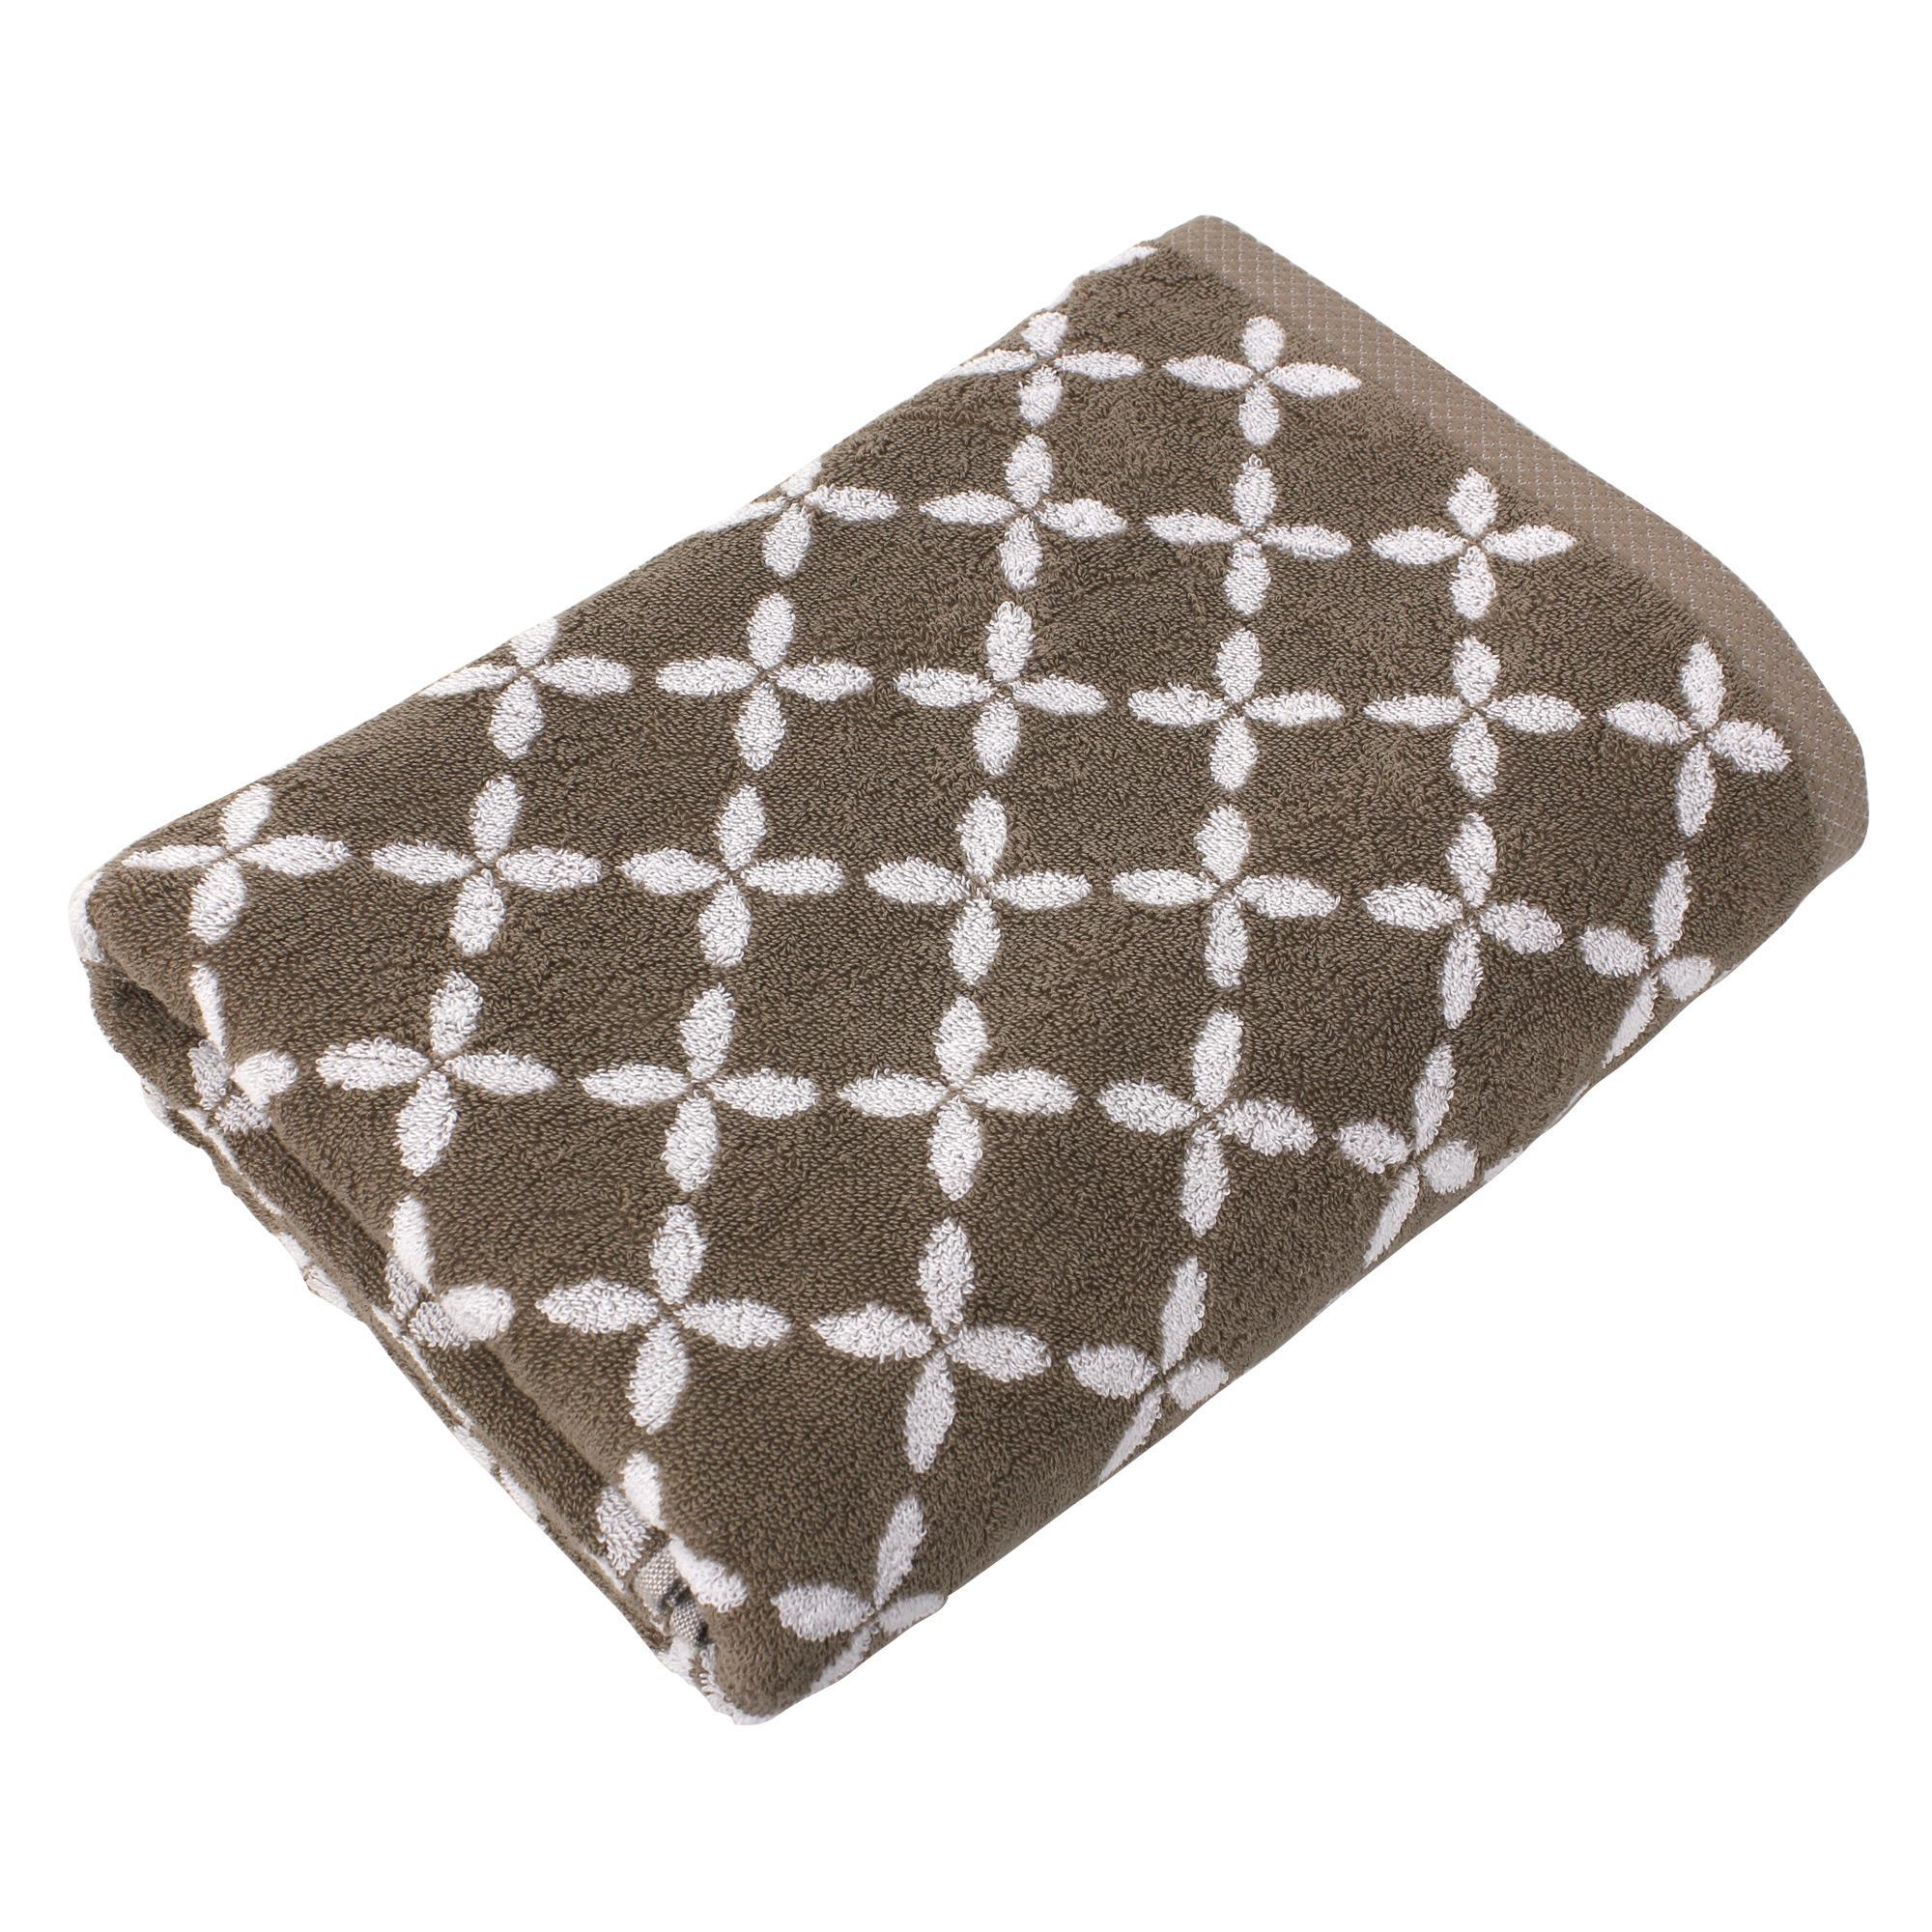 drap de bain 100x150 cm coton shibori floral beige linnea linge de maison et. Black Bedroom Furniture Sets. Home Design Ideas